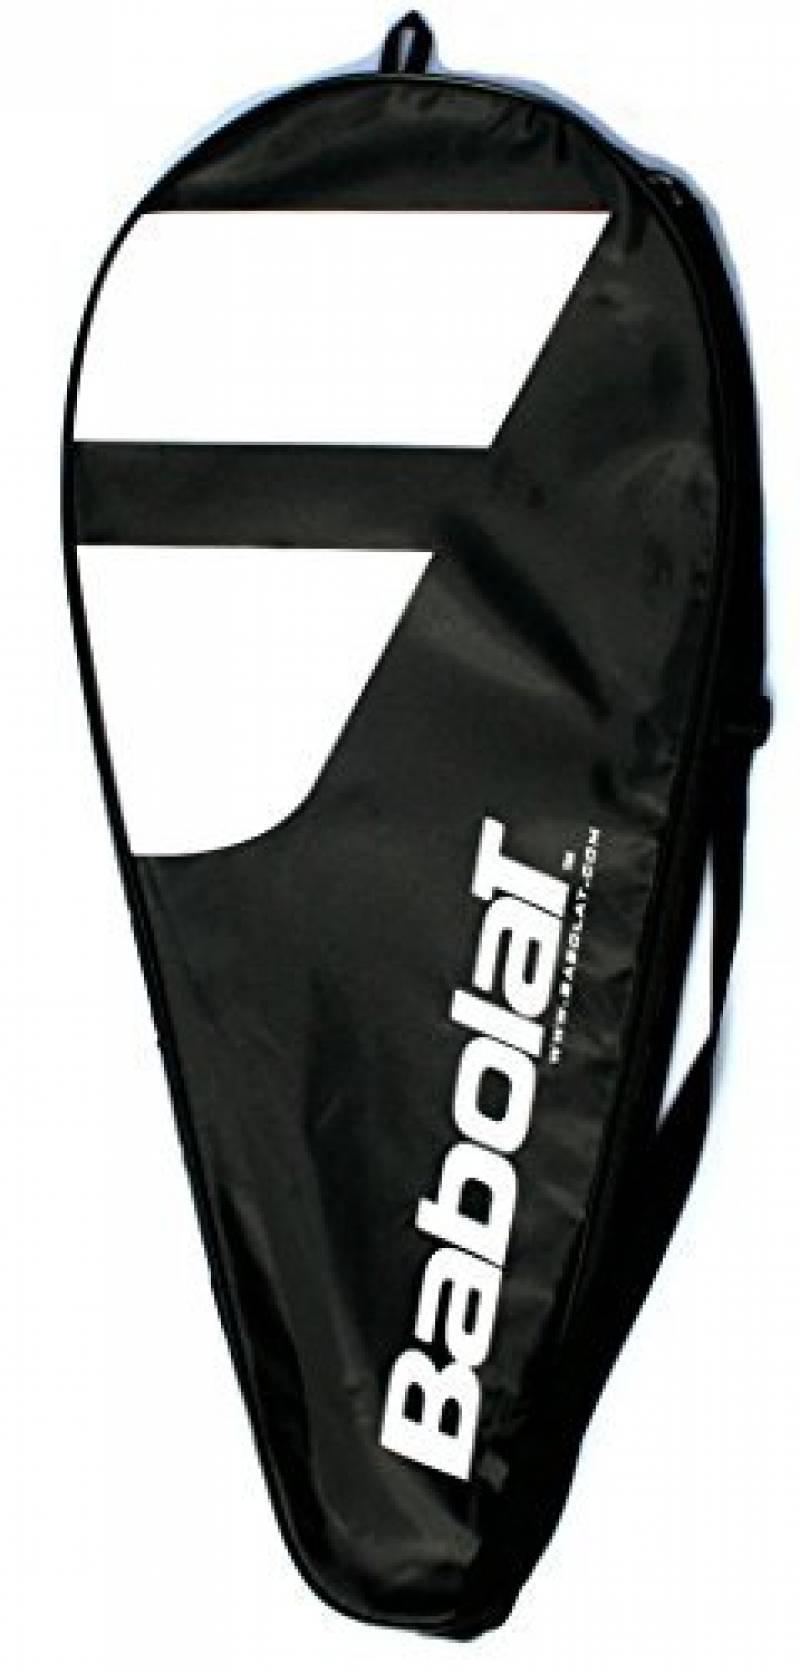 Babolat Cas de Bat for Raquette de Tennis Tennis Bag de la marque Babolat TOP 9 image 0 produit